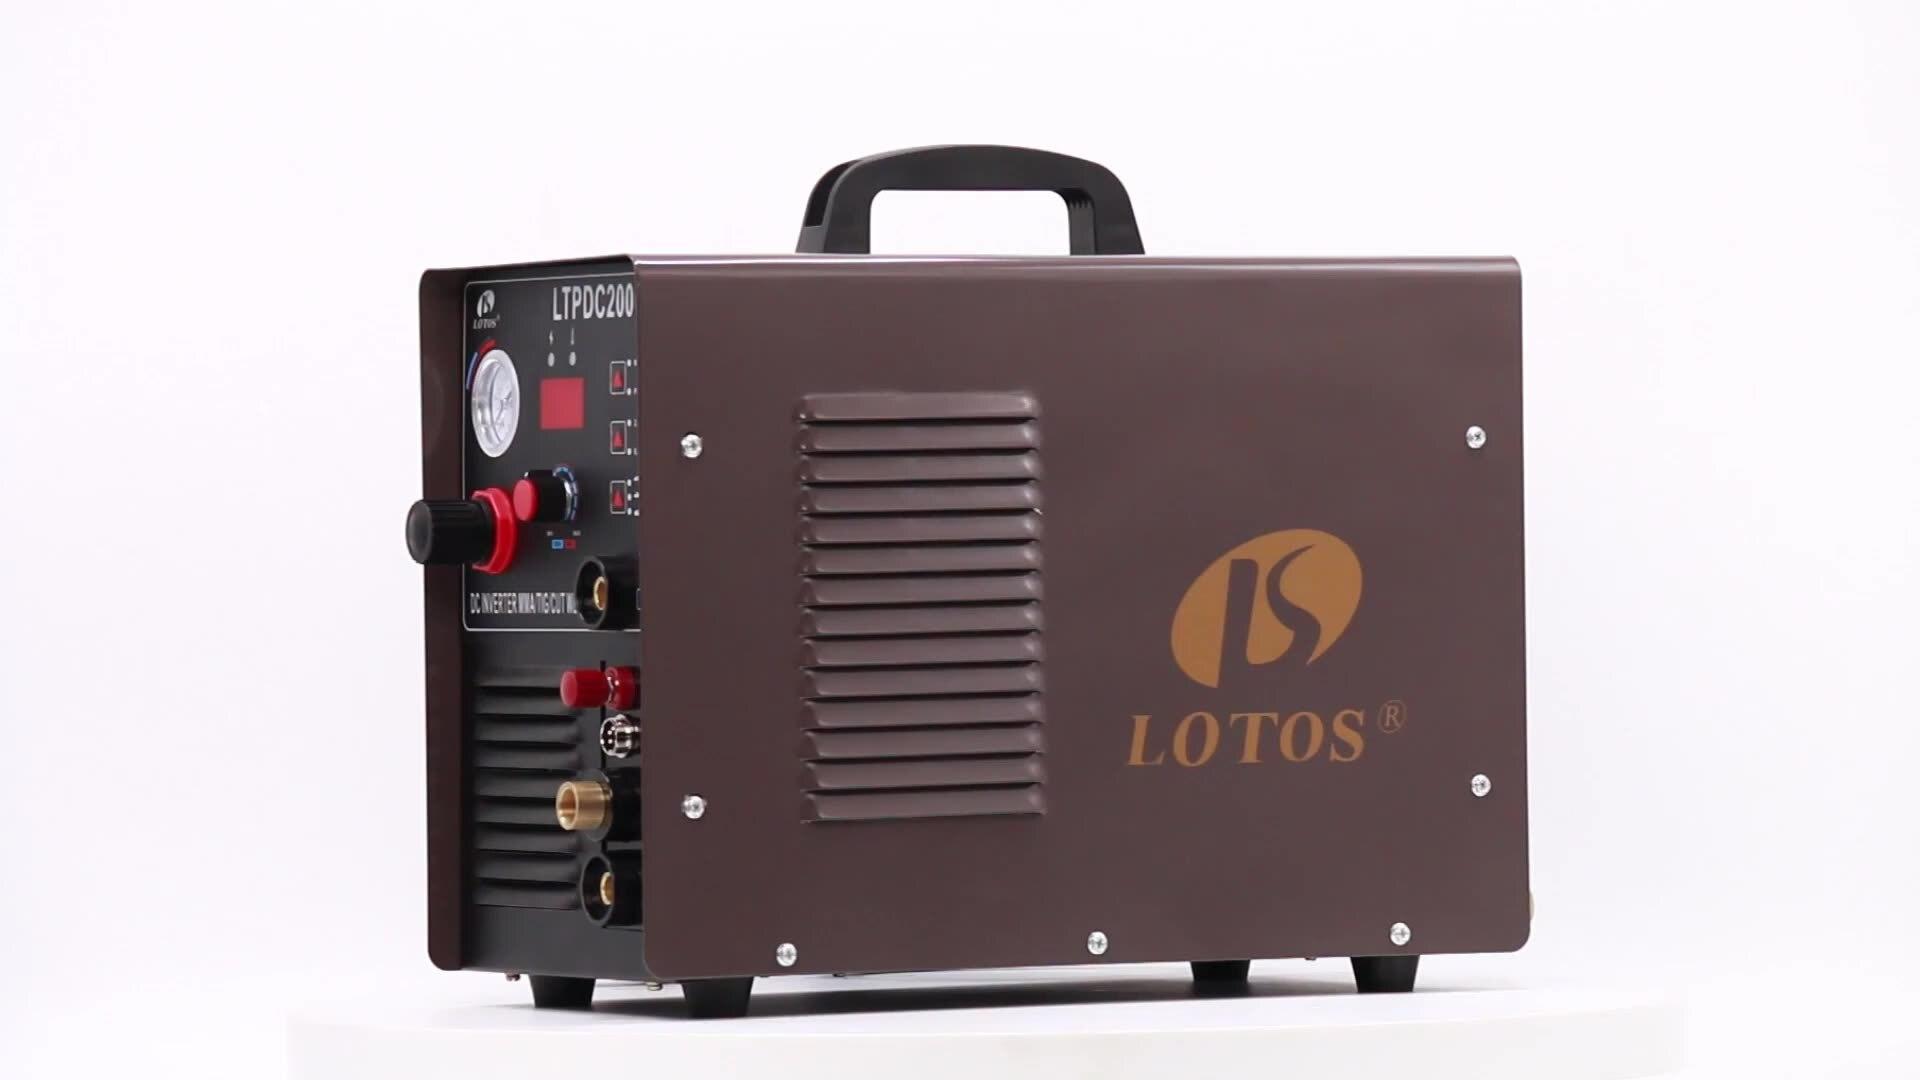 قاطع بلازما lotos LTPDC2000D 110/220 فولت مع آلة لحام متعددة الوظائف ذات عاكسات لحام ذات عاكسات/عصا 200A tig